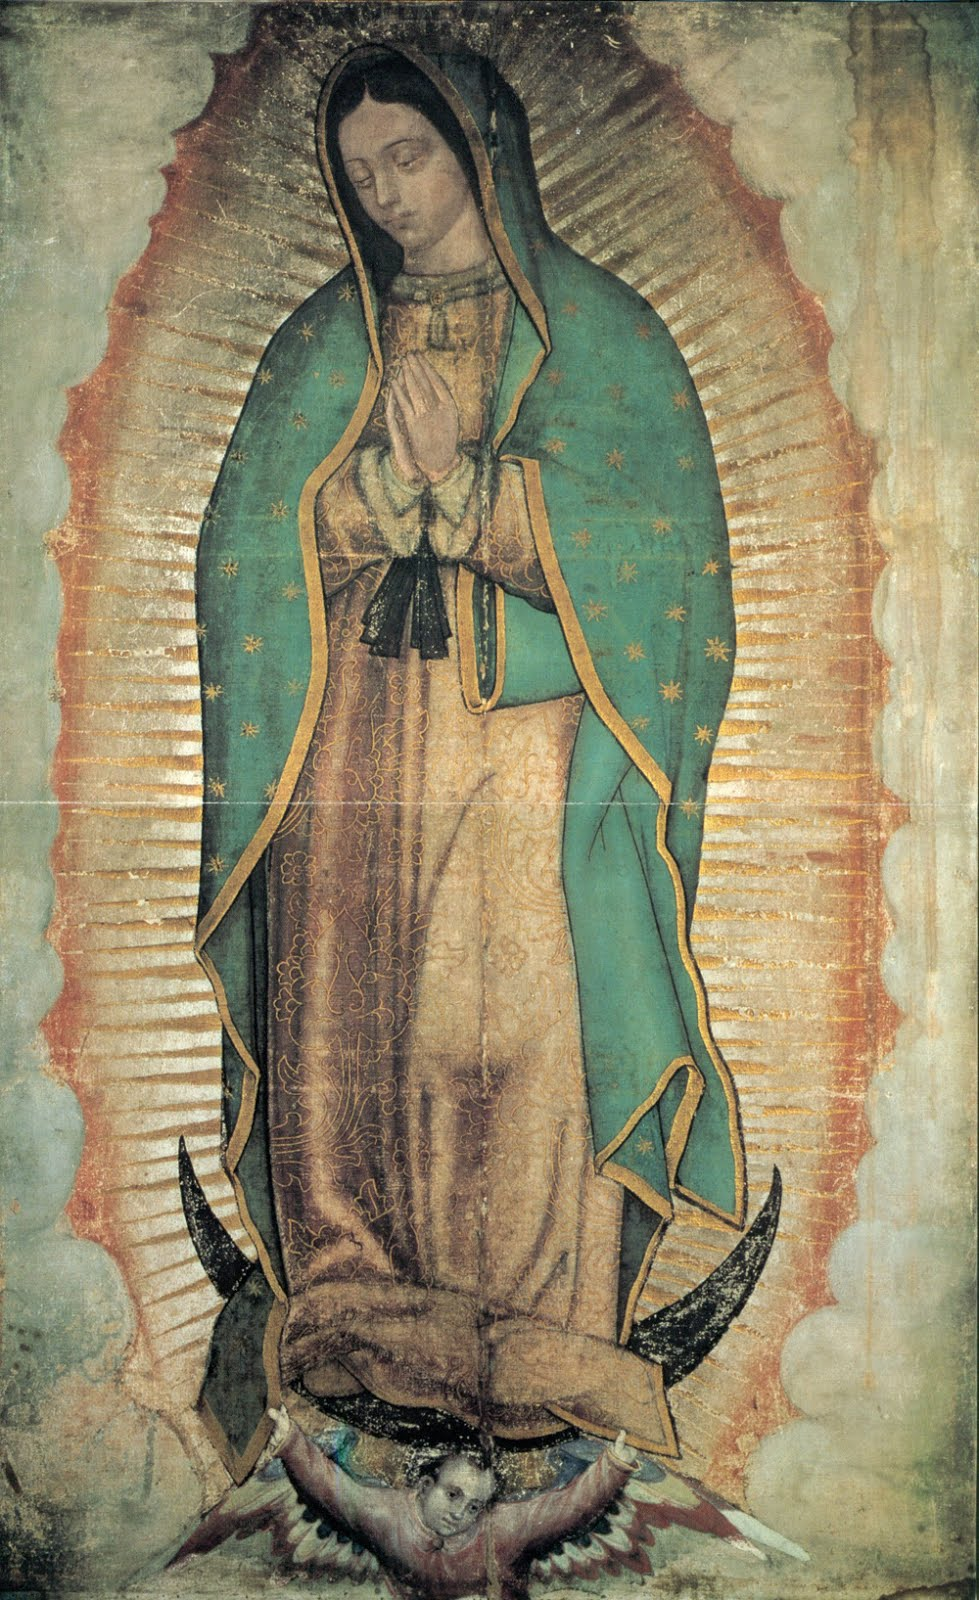 Nuestra Señora de Guadalupe